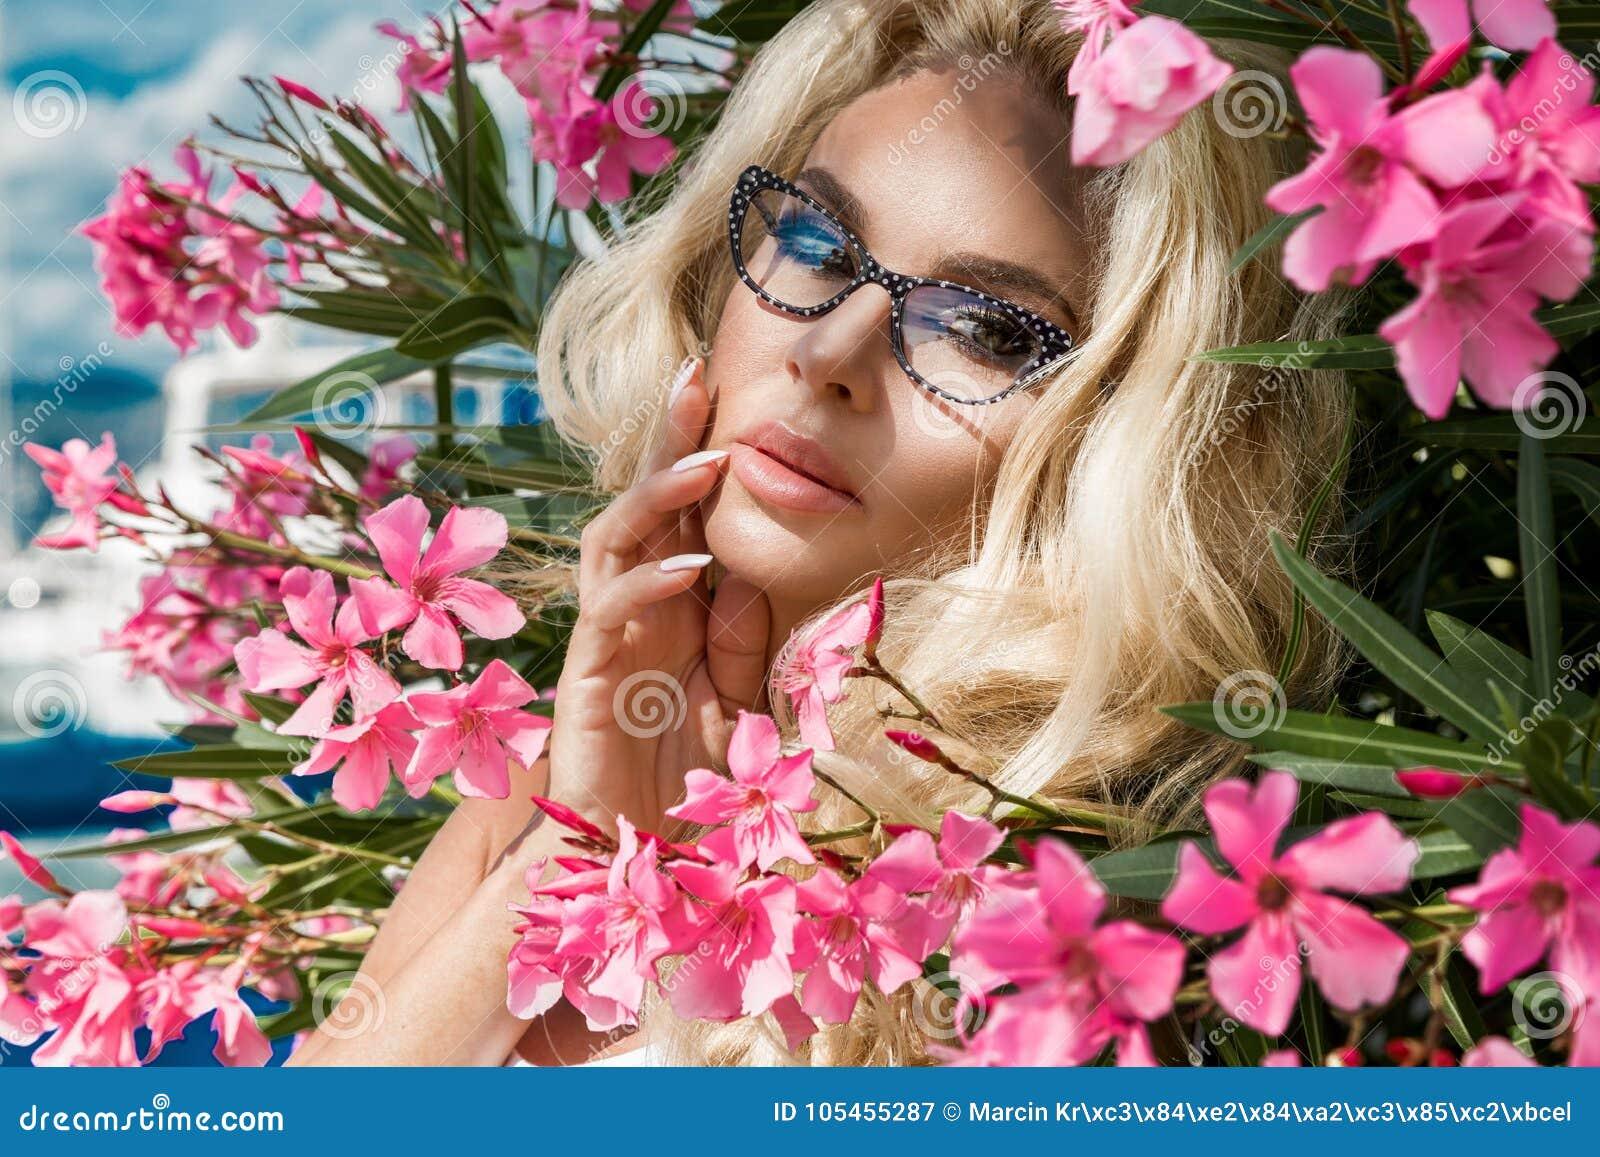 Η όμορφη φαινομενική ζαλίζοντας κομψή προκλητική ξανθή πρότυπη γυναίκα πορτρέτου με την τέλεια φθορά προσώπου γυαλιά στέκεται με